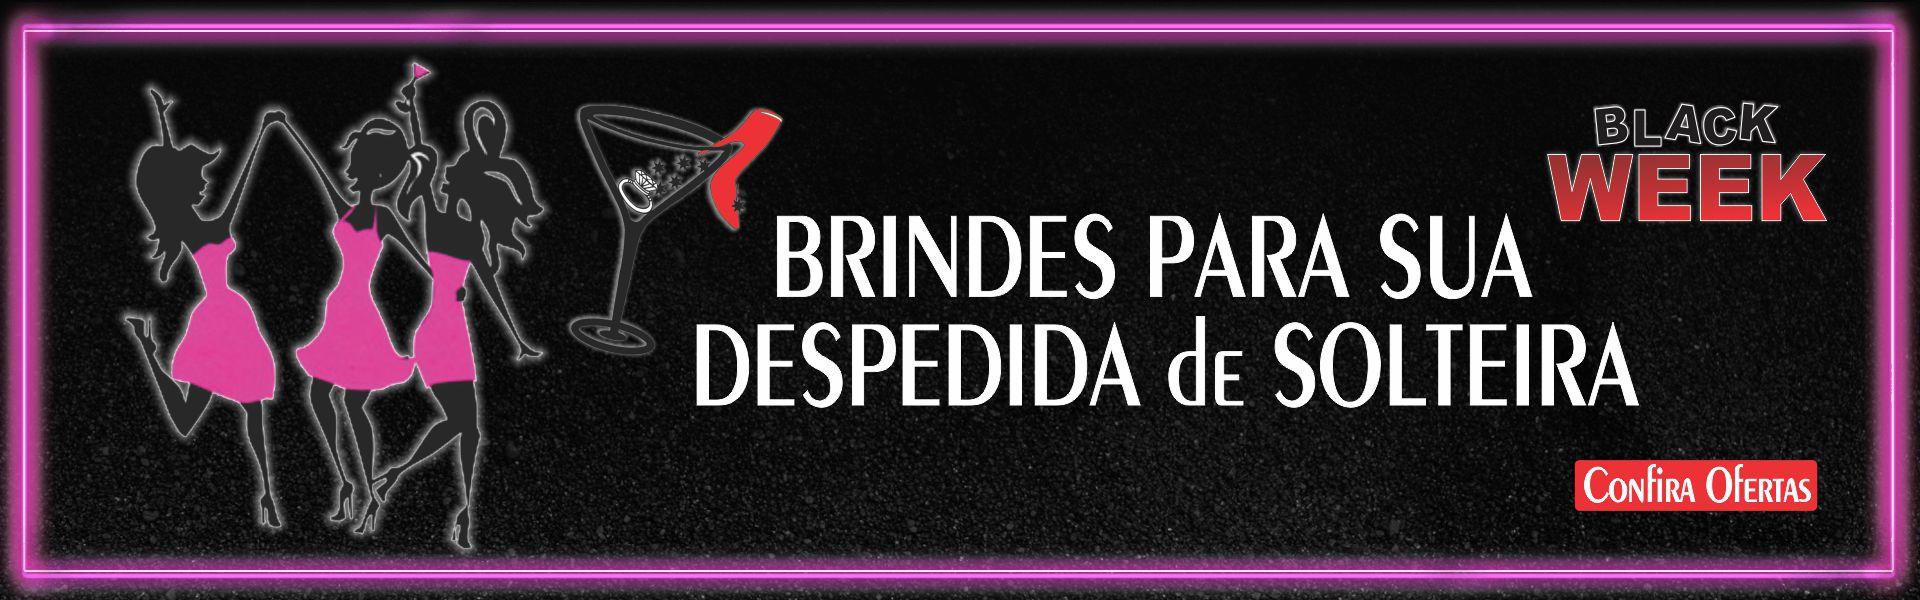 BRINDES PARA SUA DESPEDIDA DE SOLTEIRA